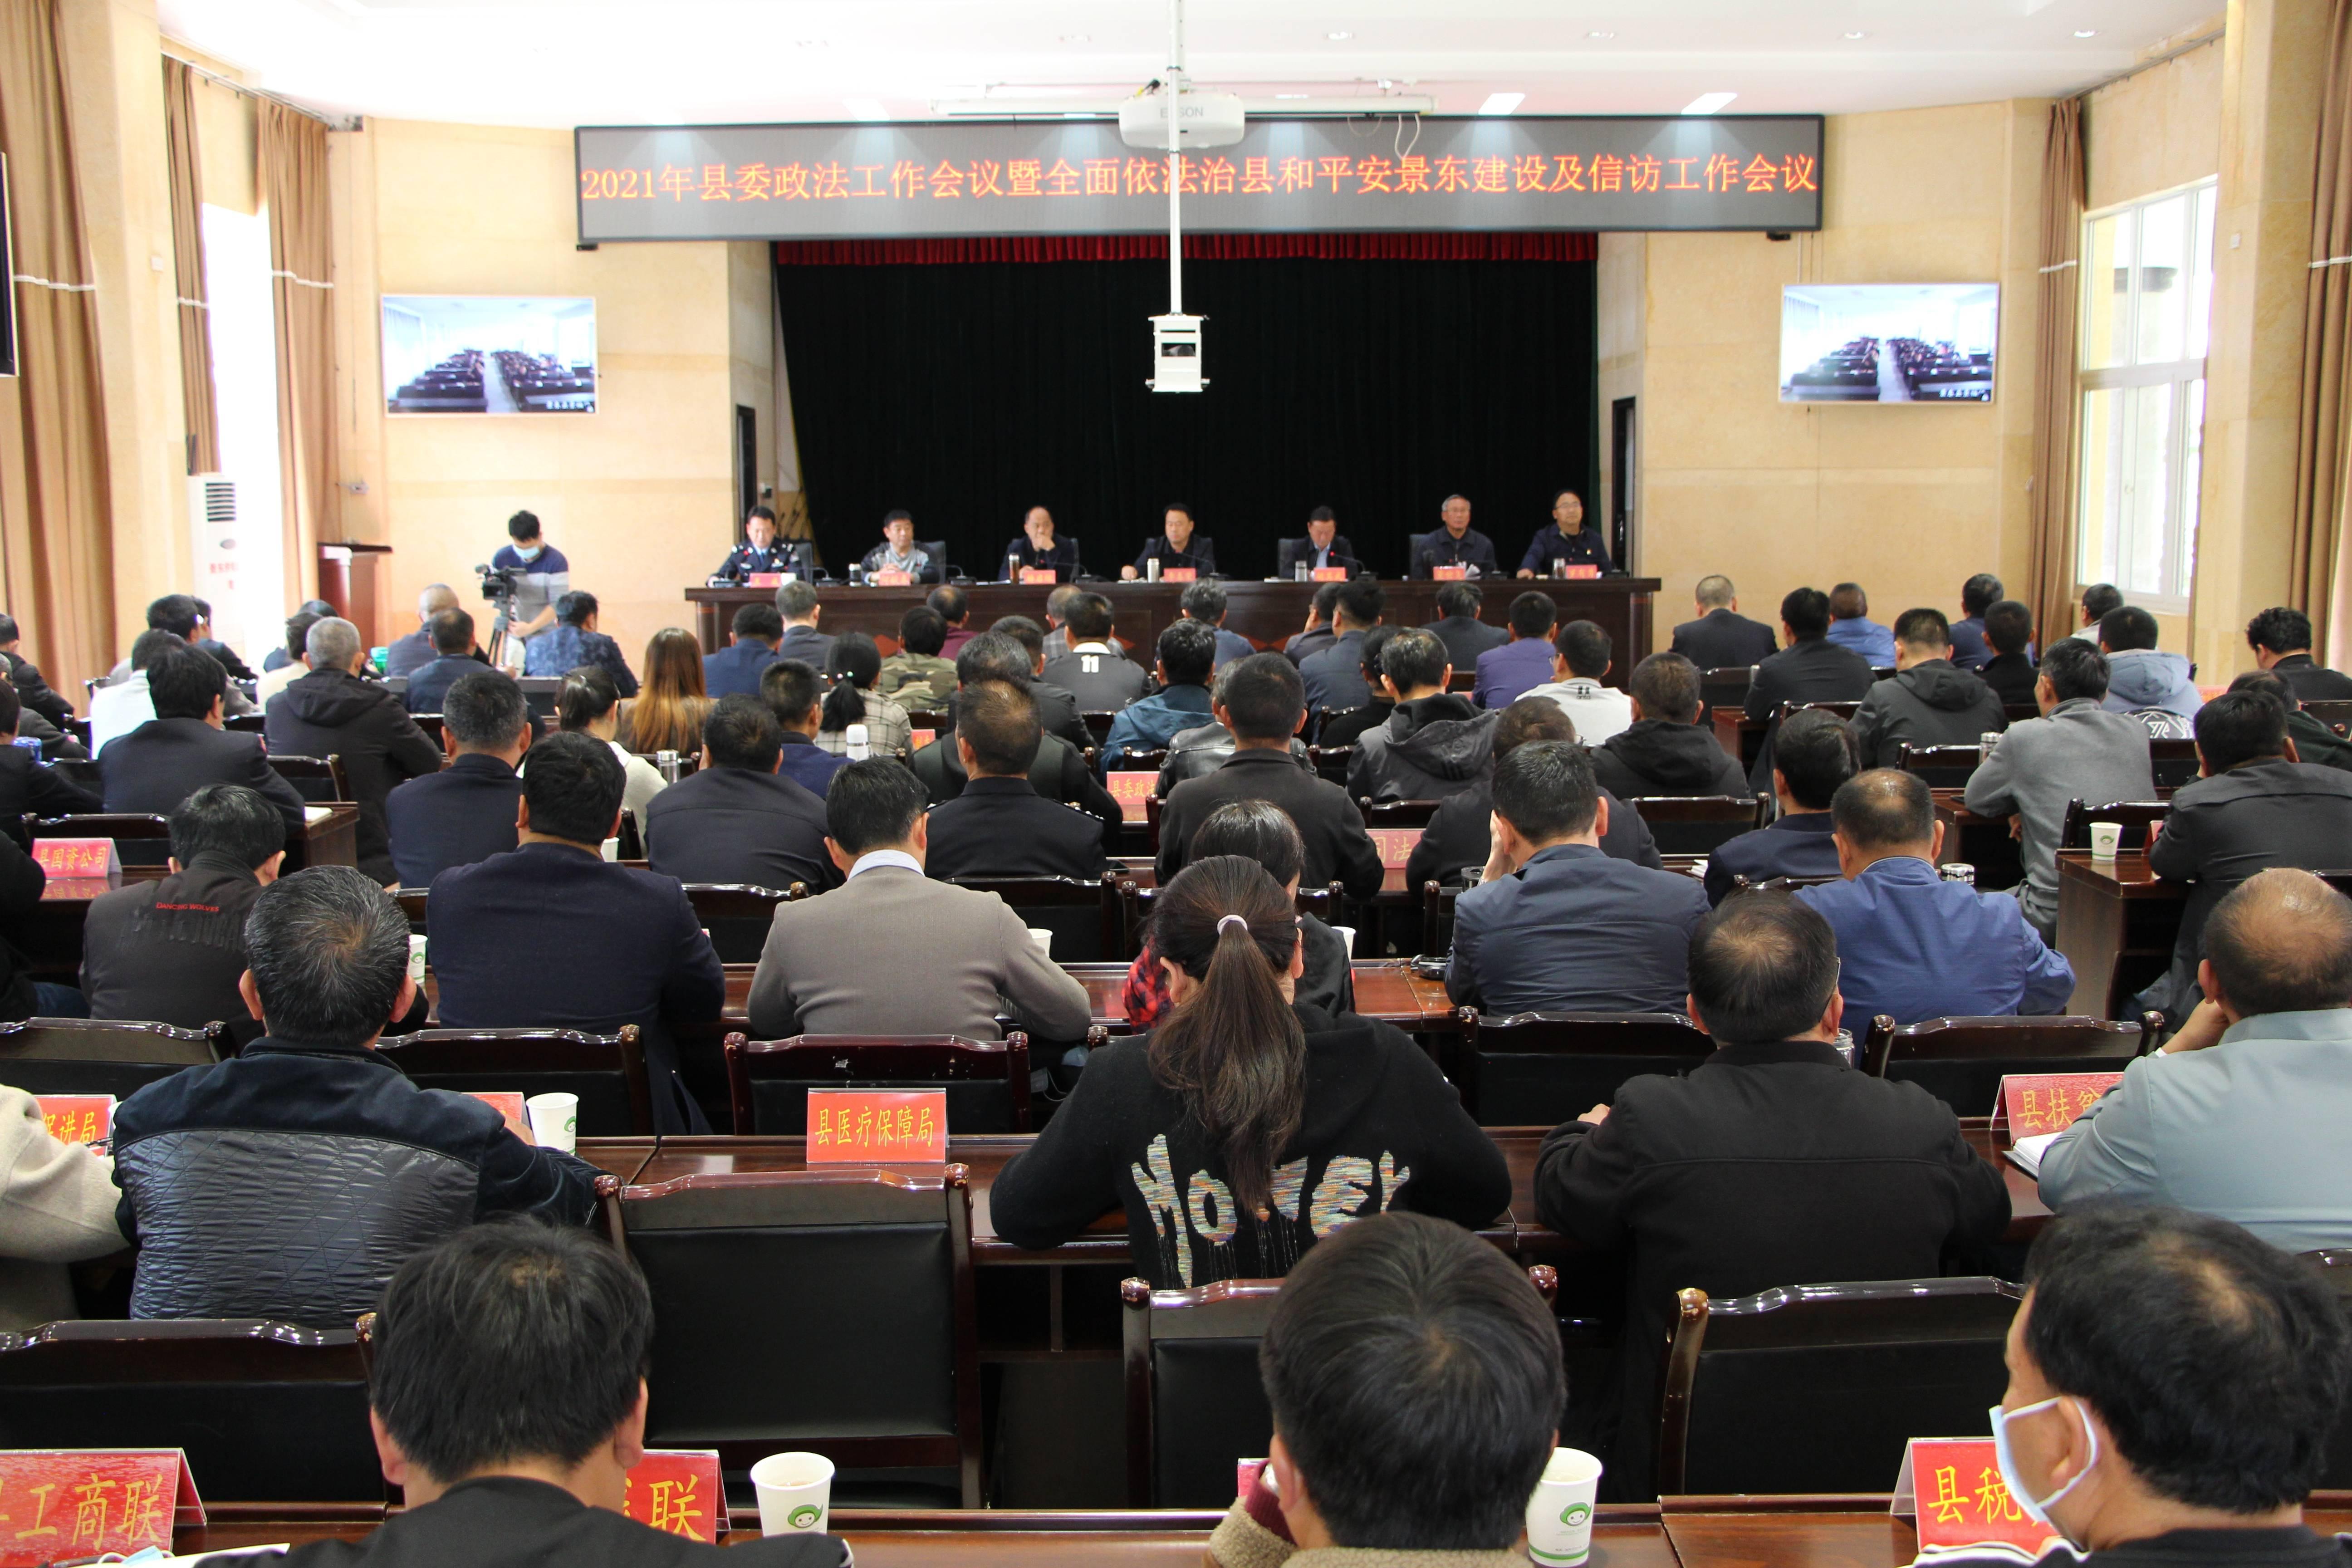 2021年景东县委政法工作暨全面依法治县和平安景东建设及信访工作会议召开